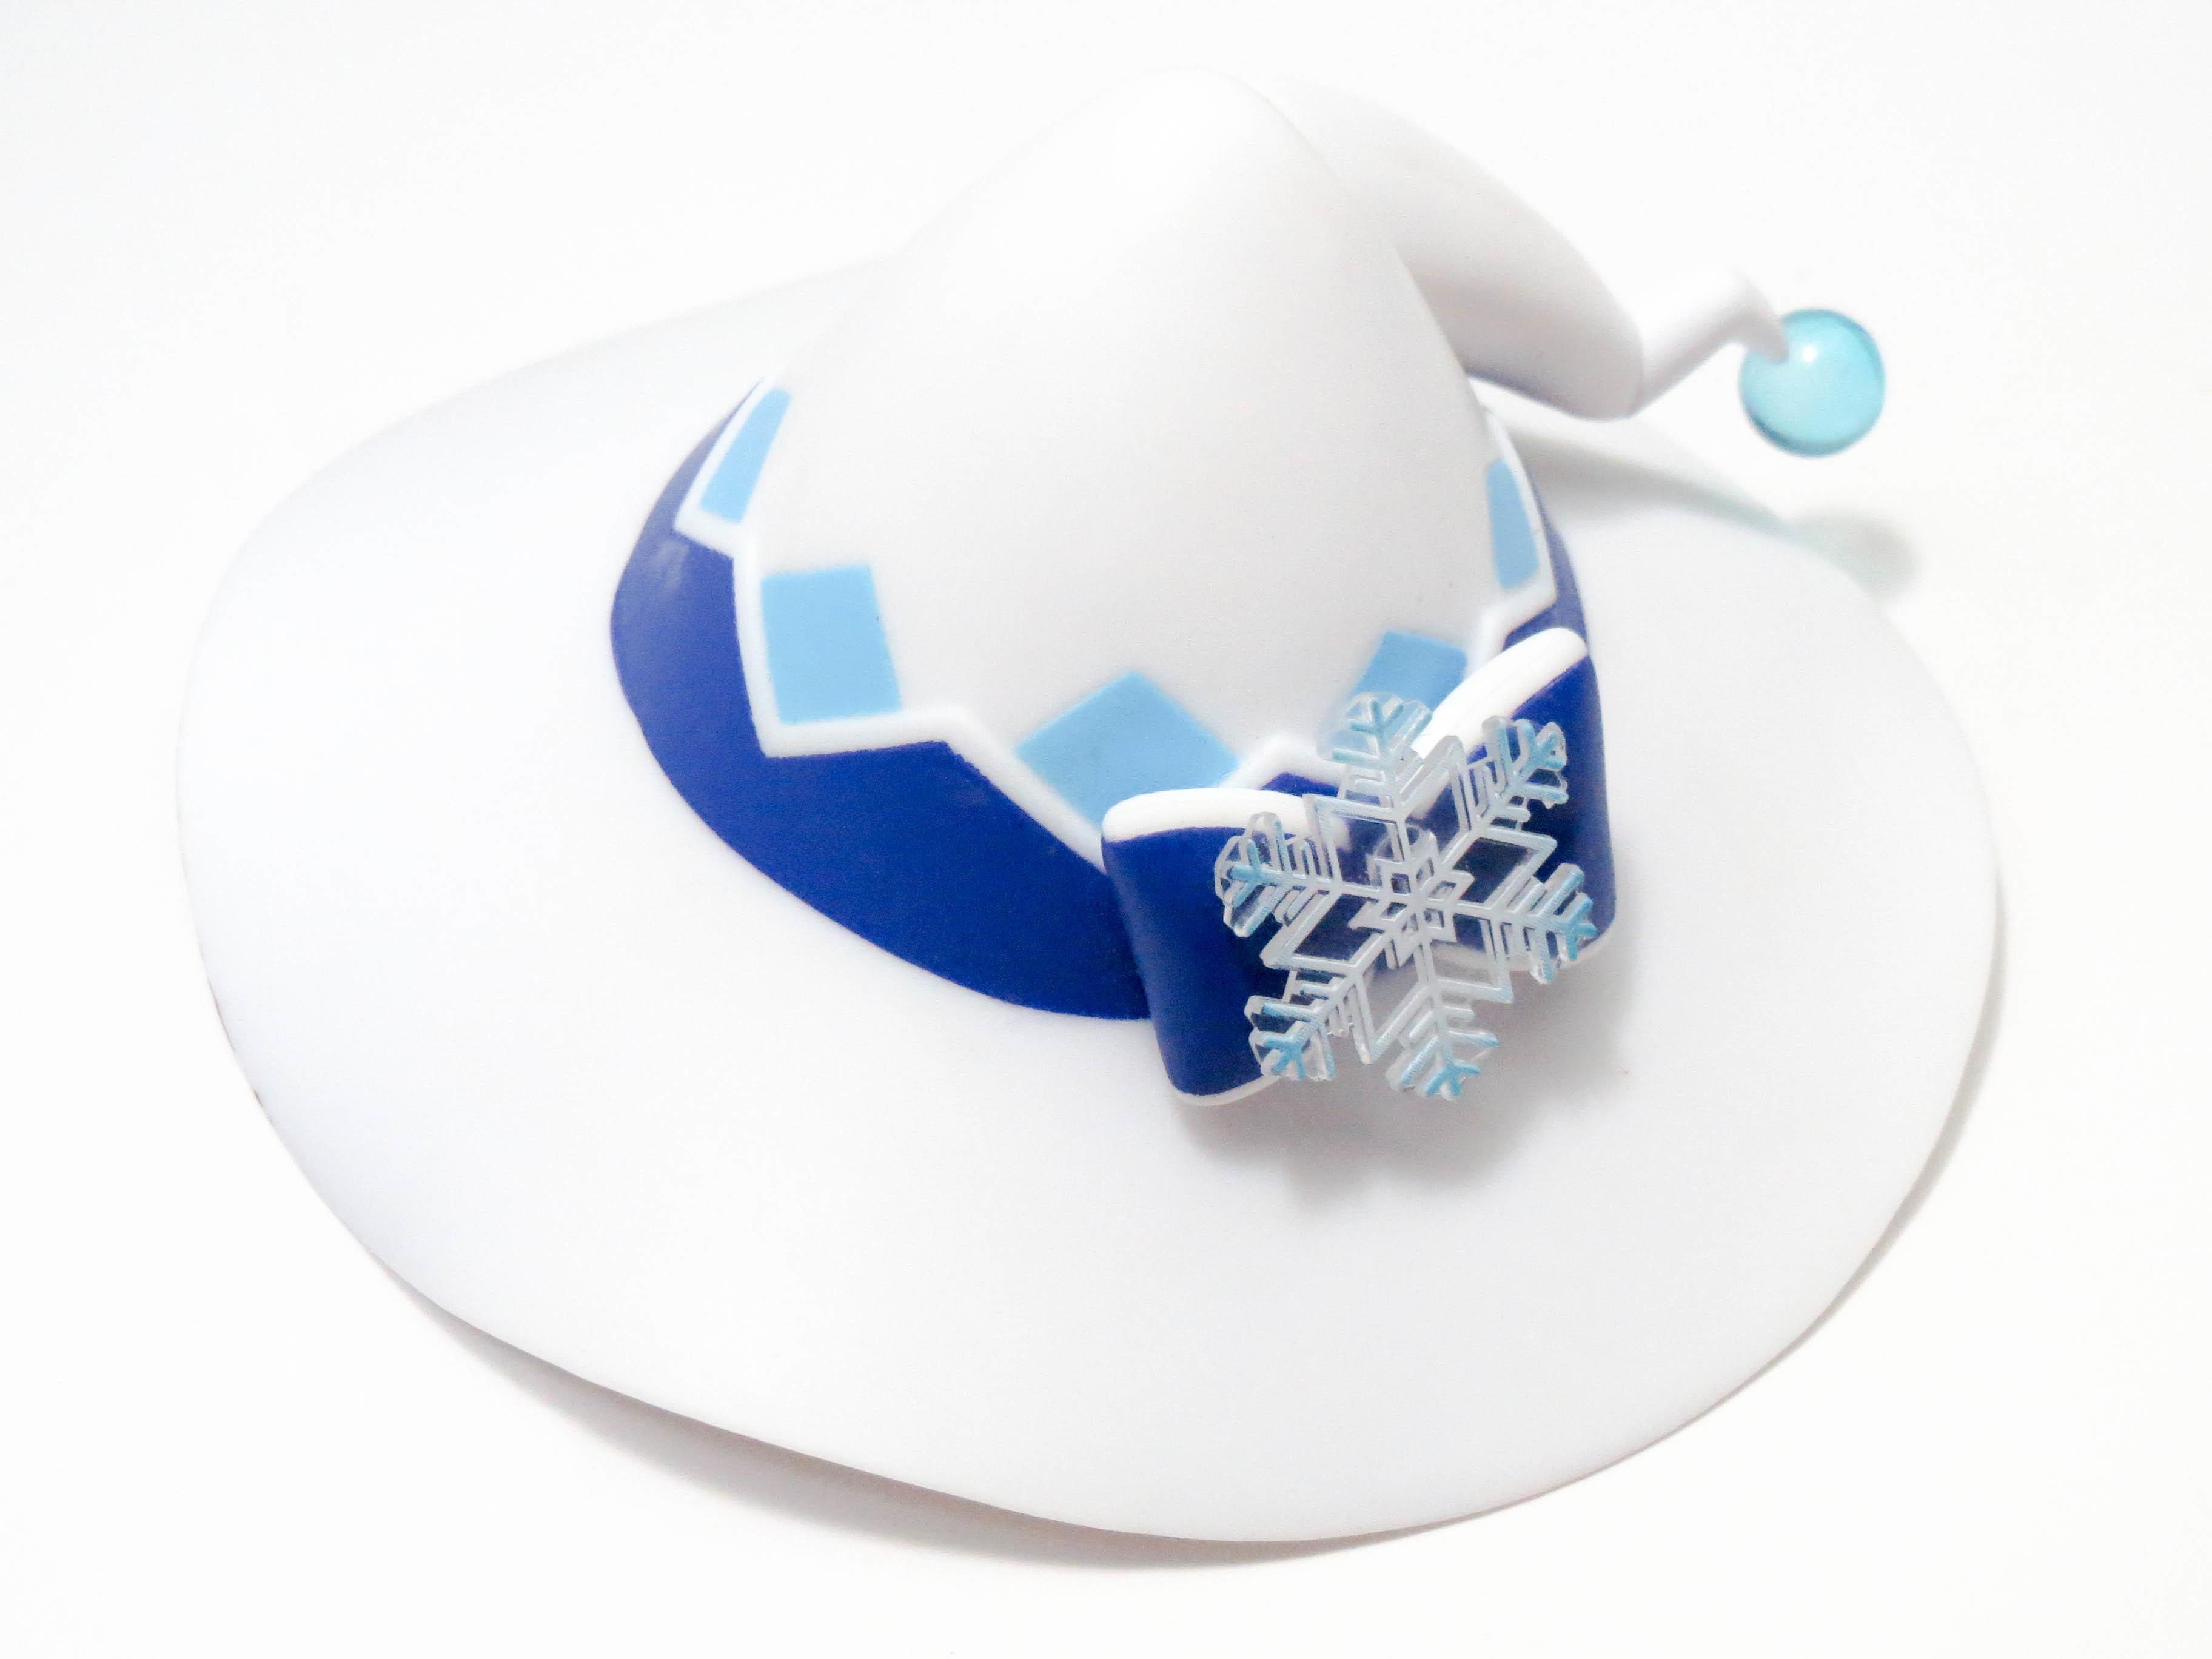 【SALE】【380】 雪ミク Magical Snow Ver. 小物パーツ 帽子 ねんどろいど